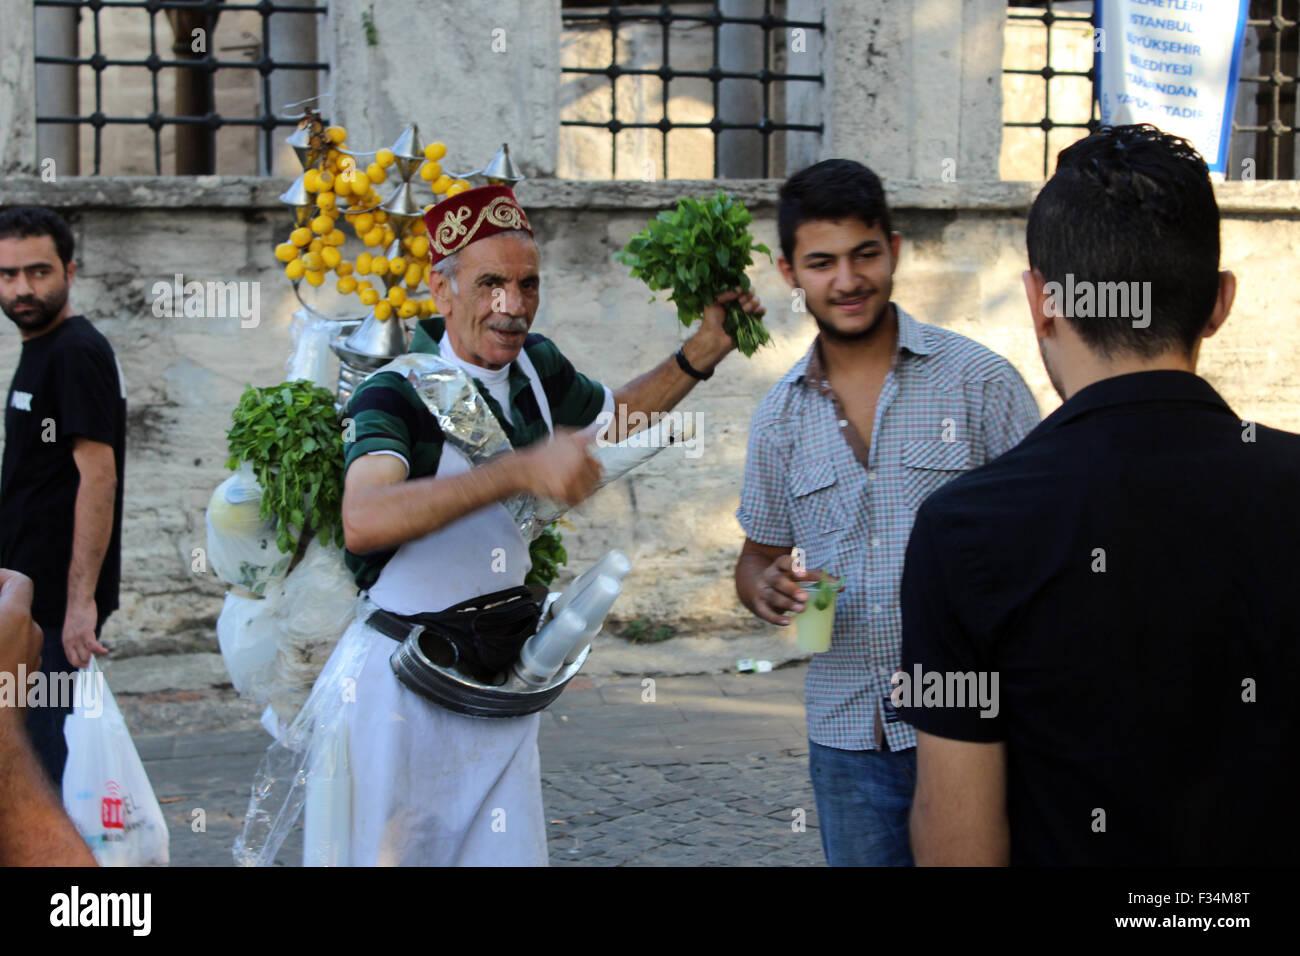 Estambul, Turquía - Septiembre 20, 2015: el vendedor de limonada, posa para la cámara en las manos de Imagen De Stock